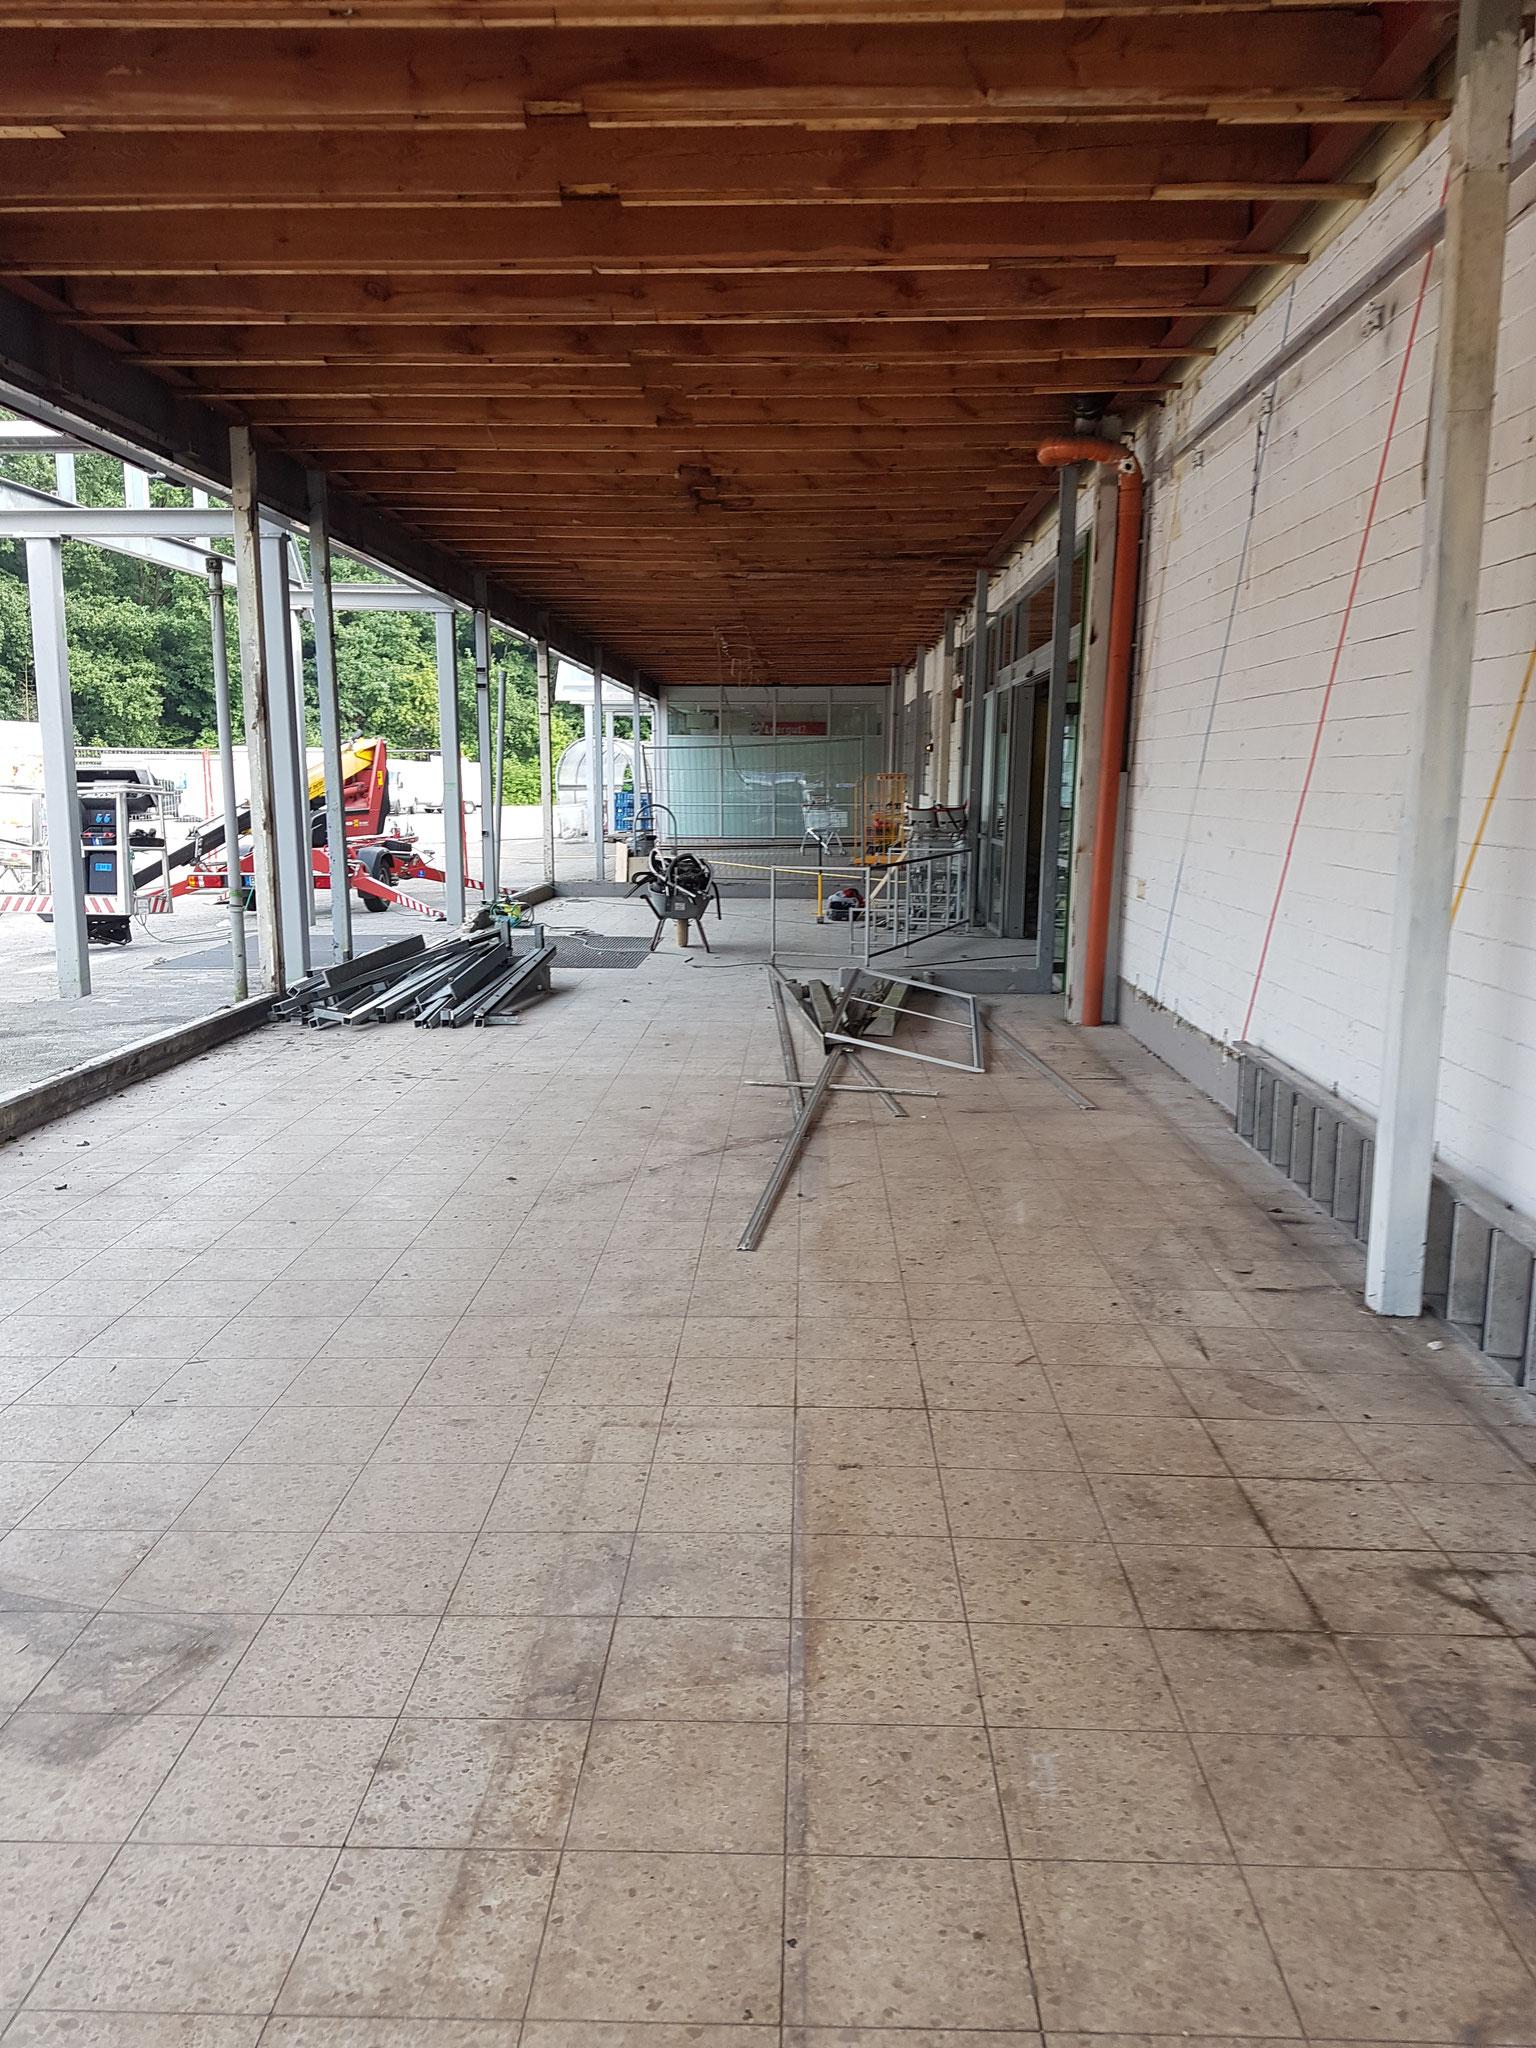 Umbauarbeiten,  Verbrauchermarkt, 2.500qm Verkaufsfläche